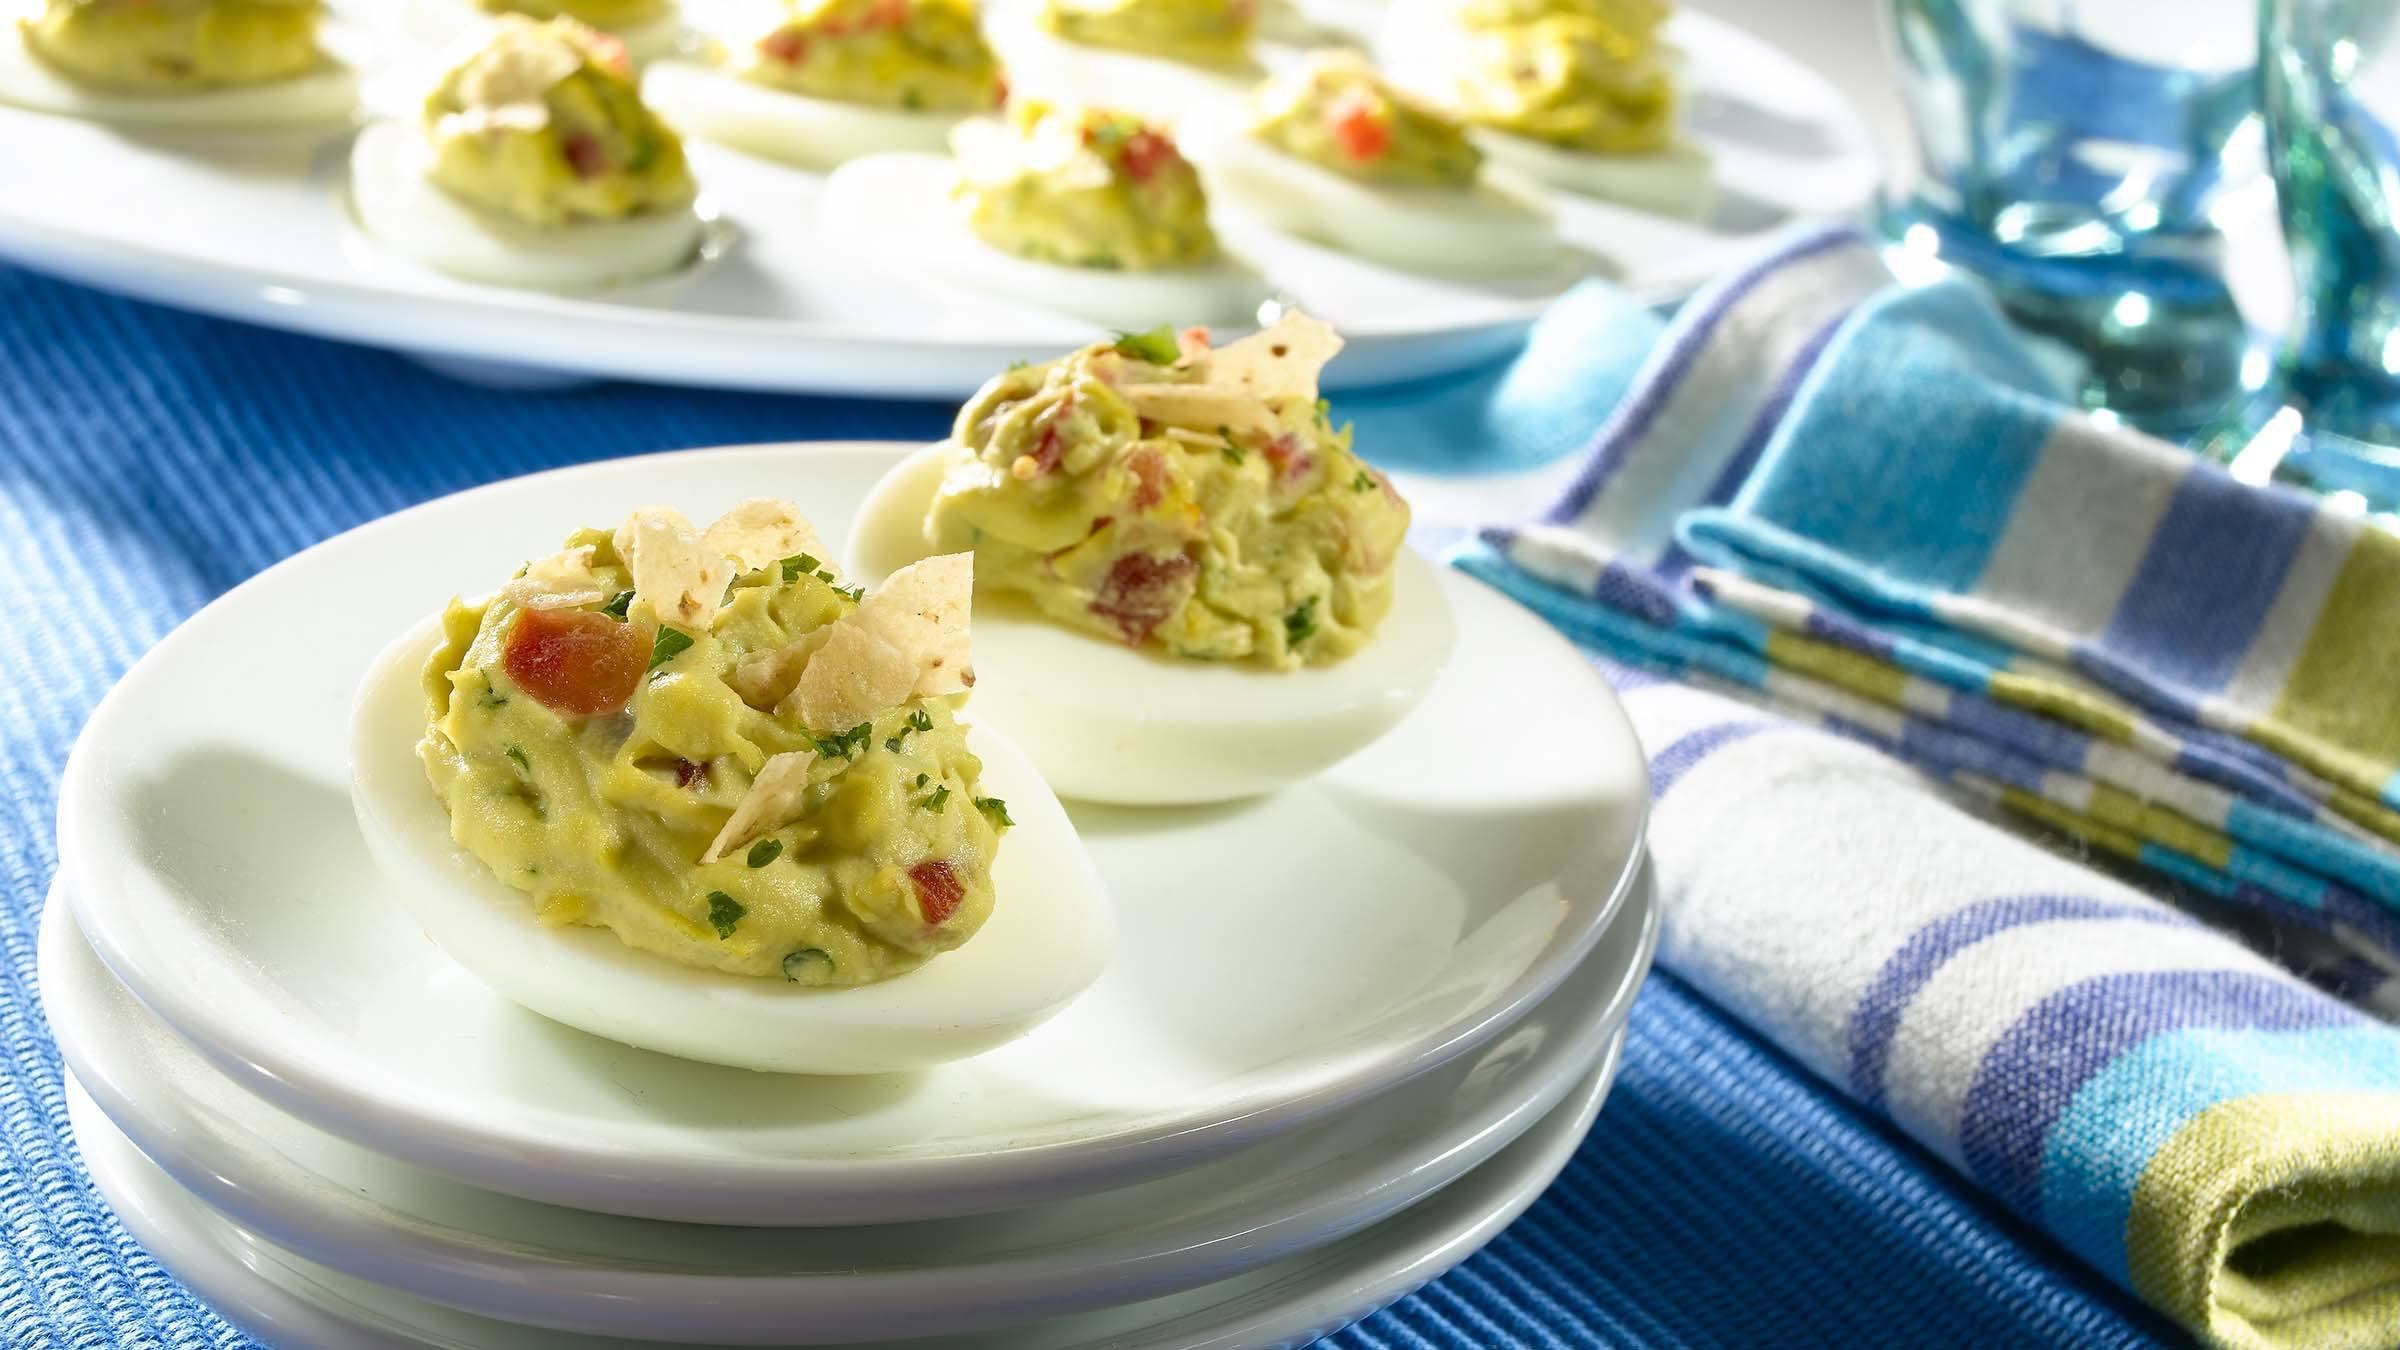 California-Style Deviled Eggs Recipe